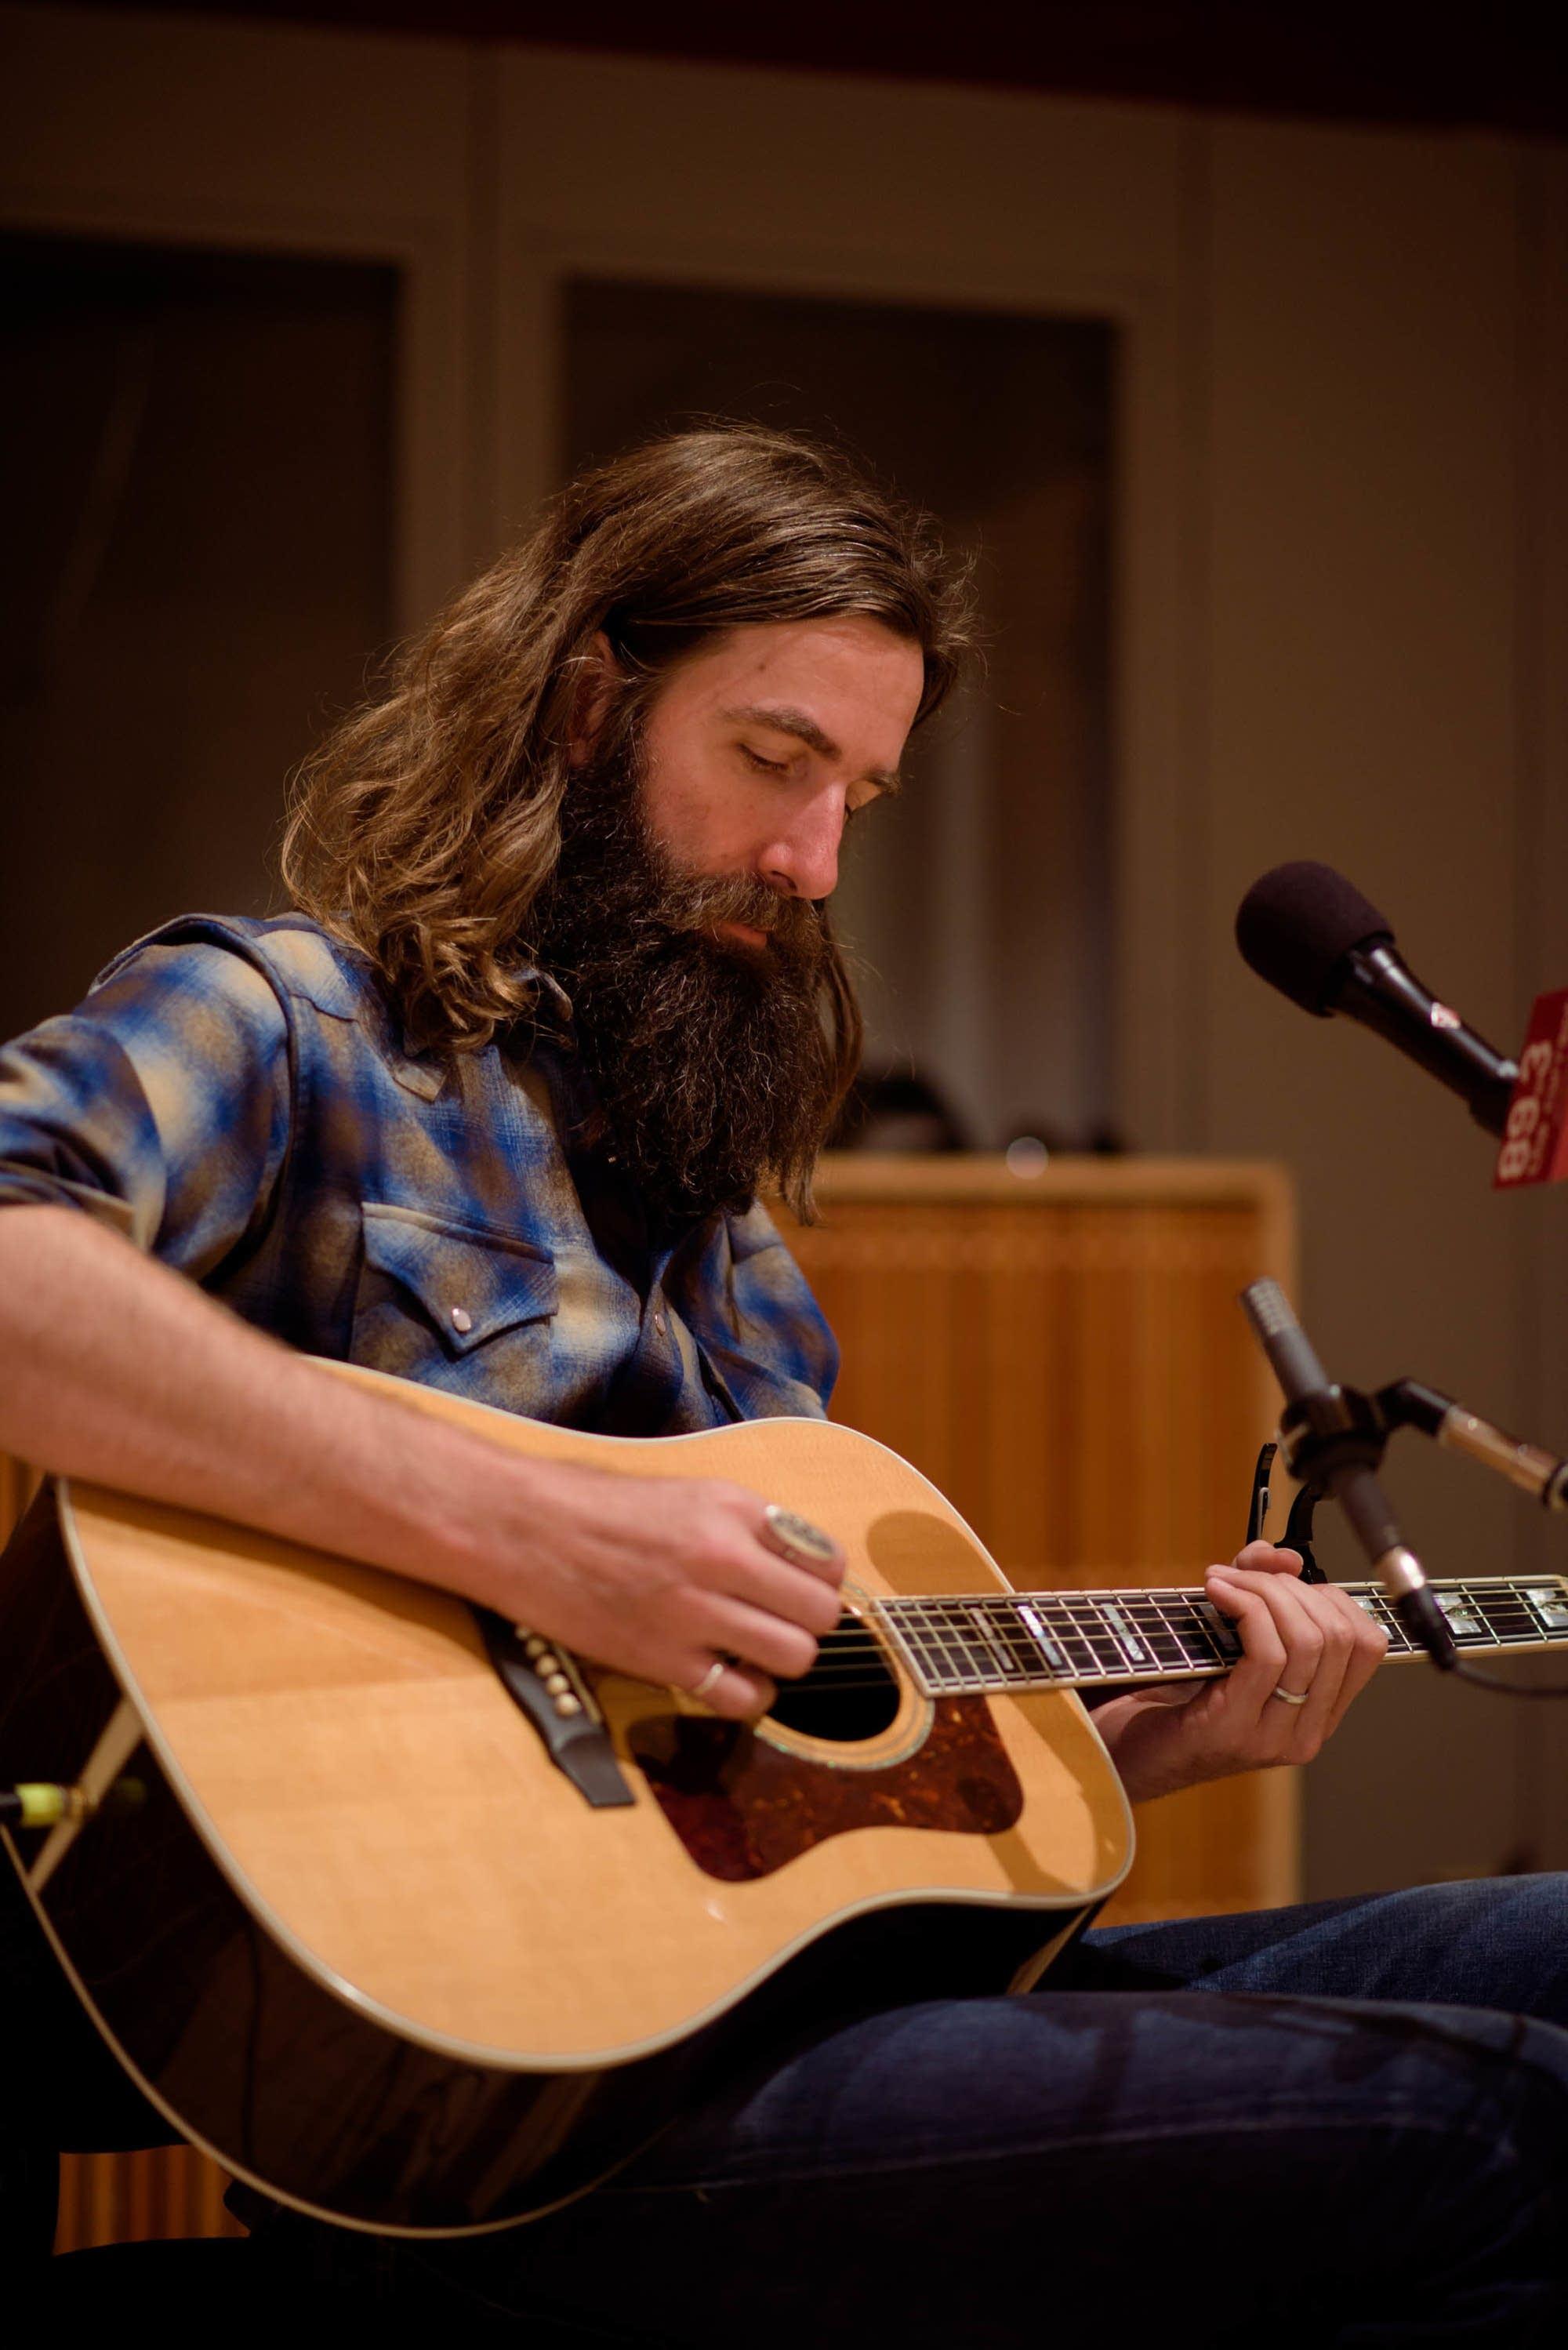 Tyler Ramsey of Band of Horses in studio